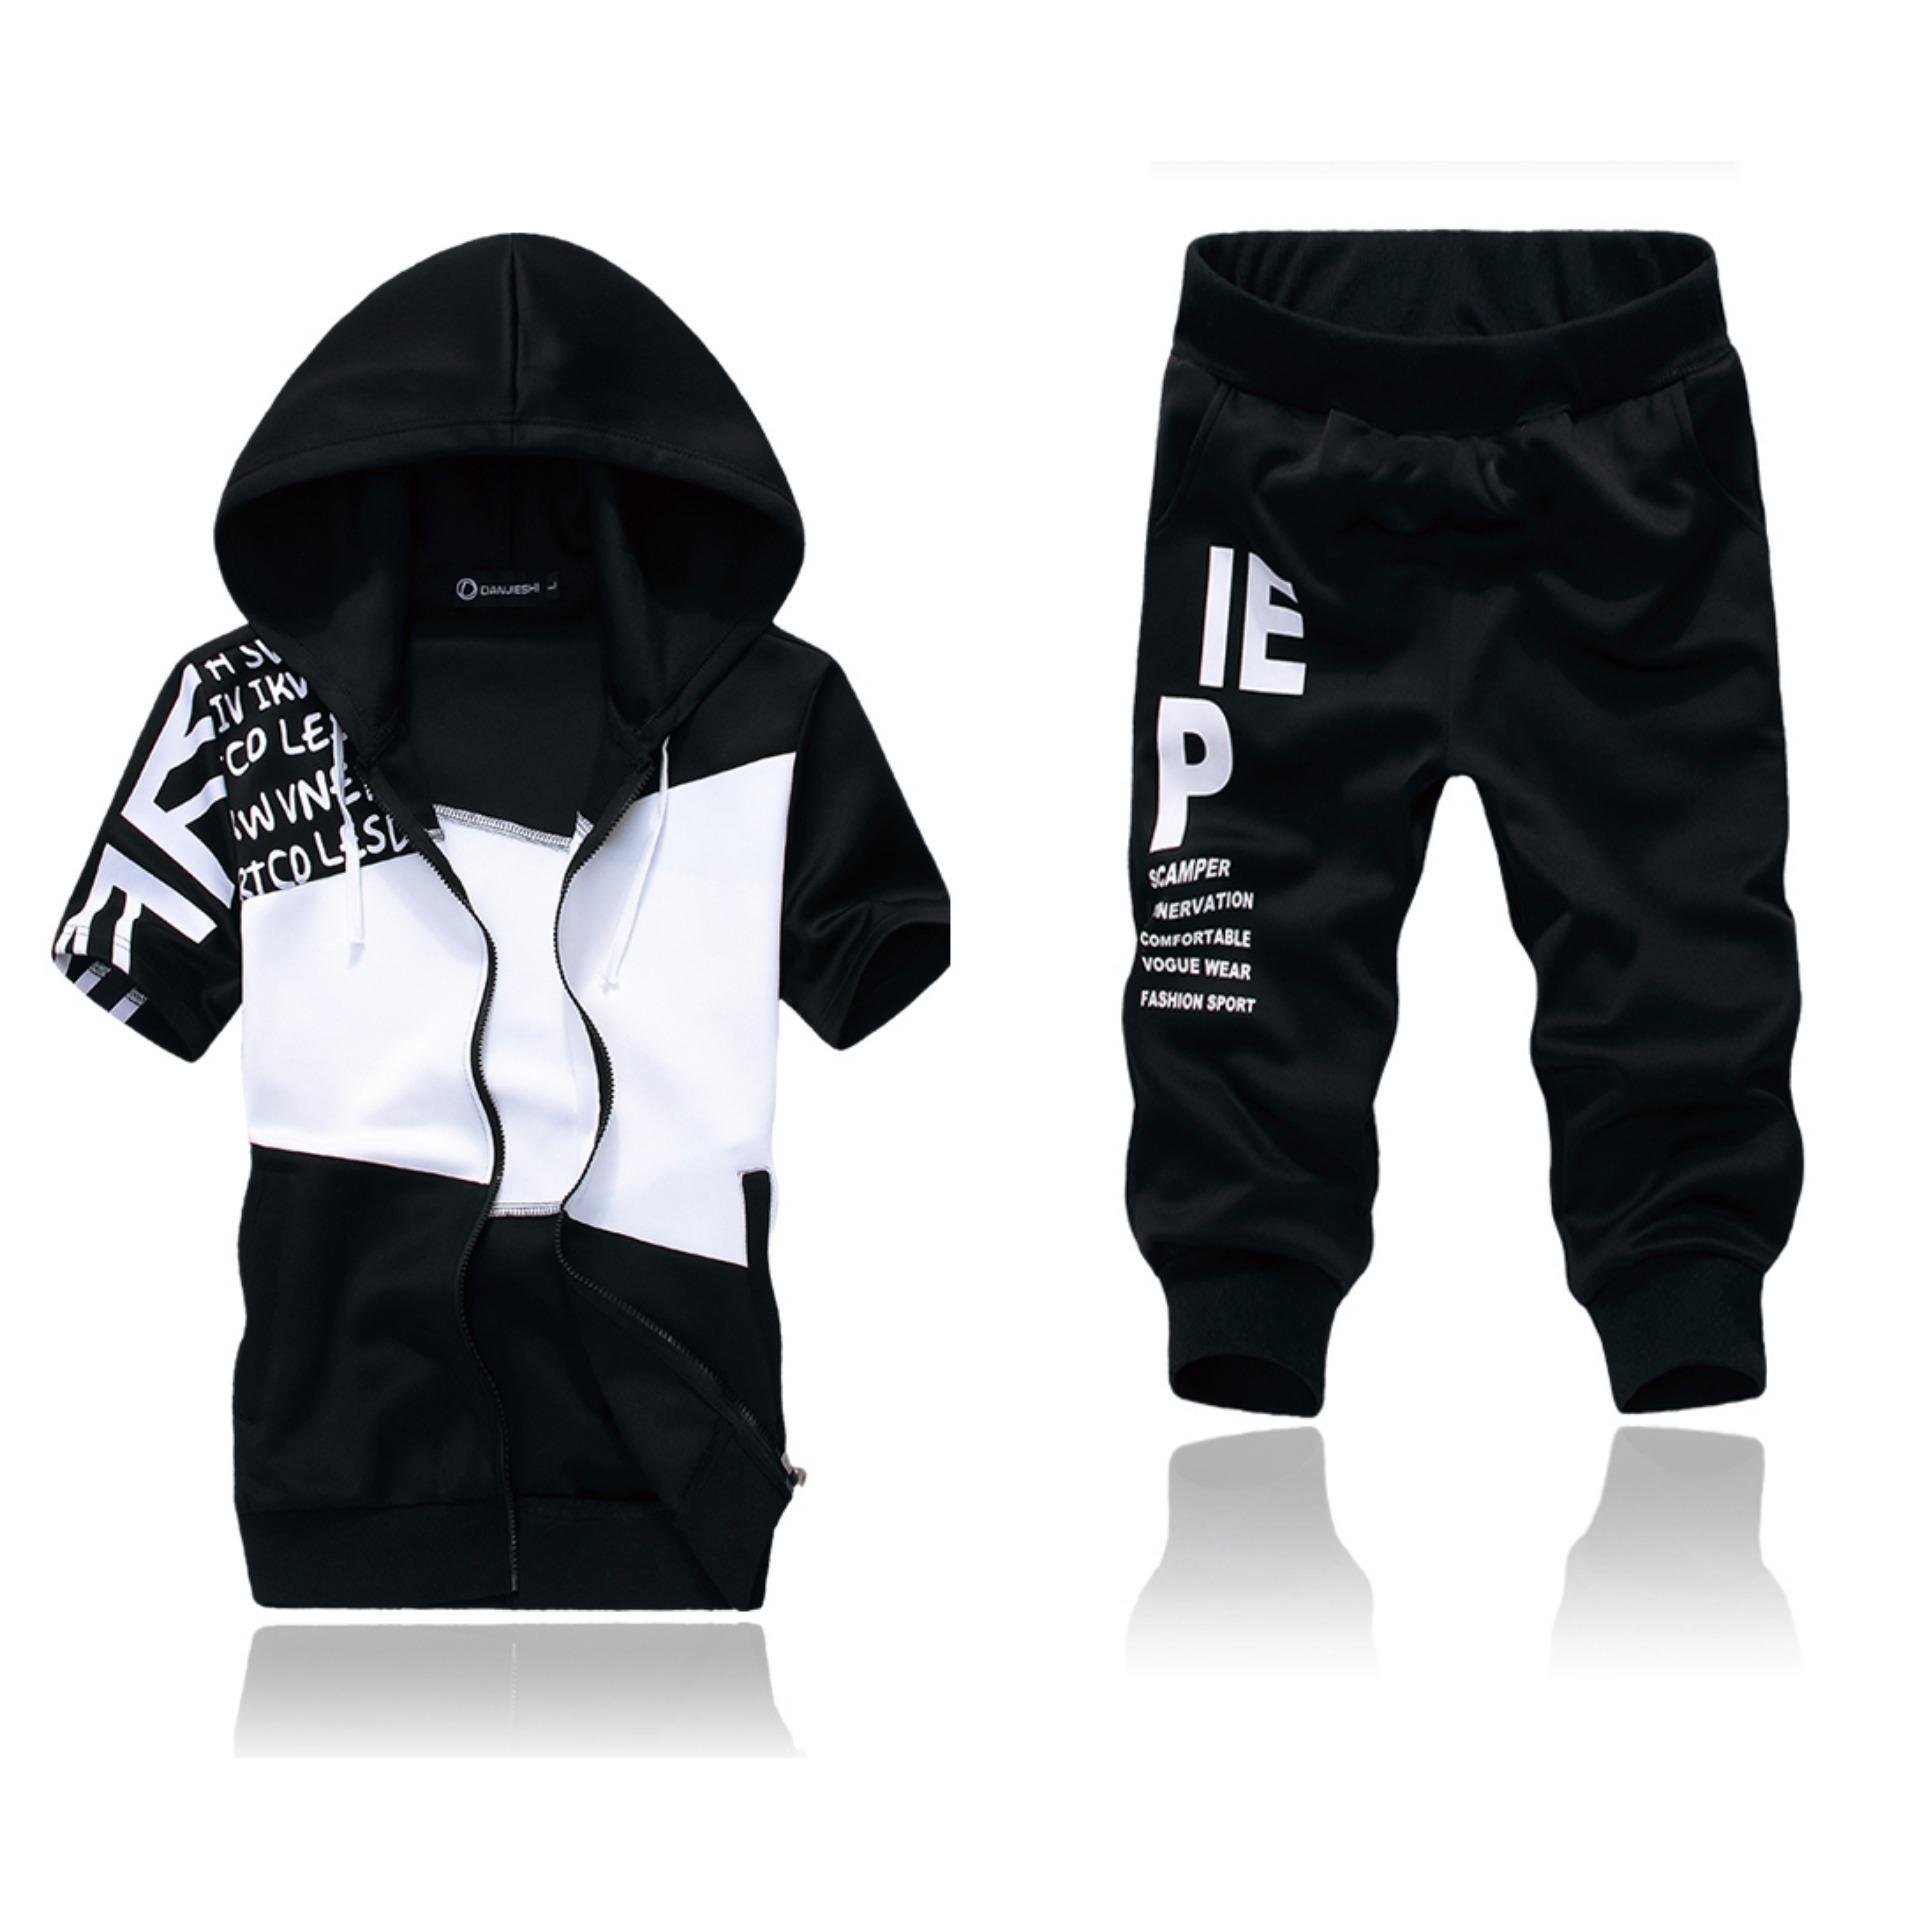 Hình ảnh Set quần áo nam khóa kéo phối màu thời trang Xưởng May giá rẻ MEN QA 10013 (đen)